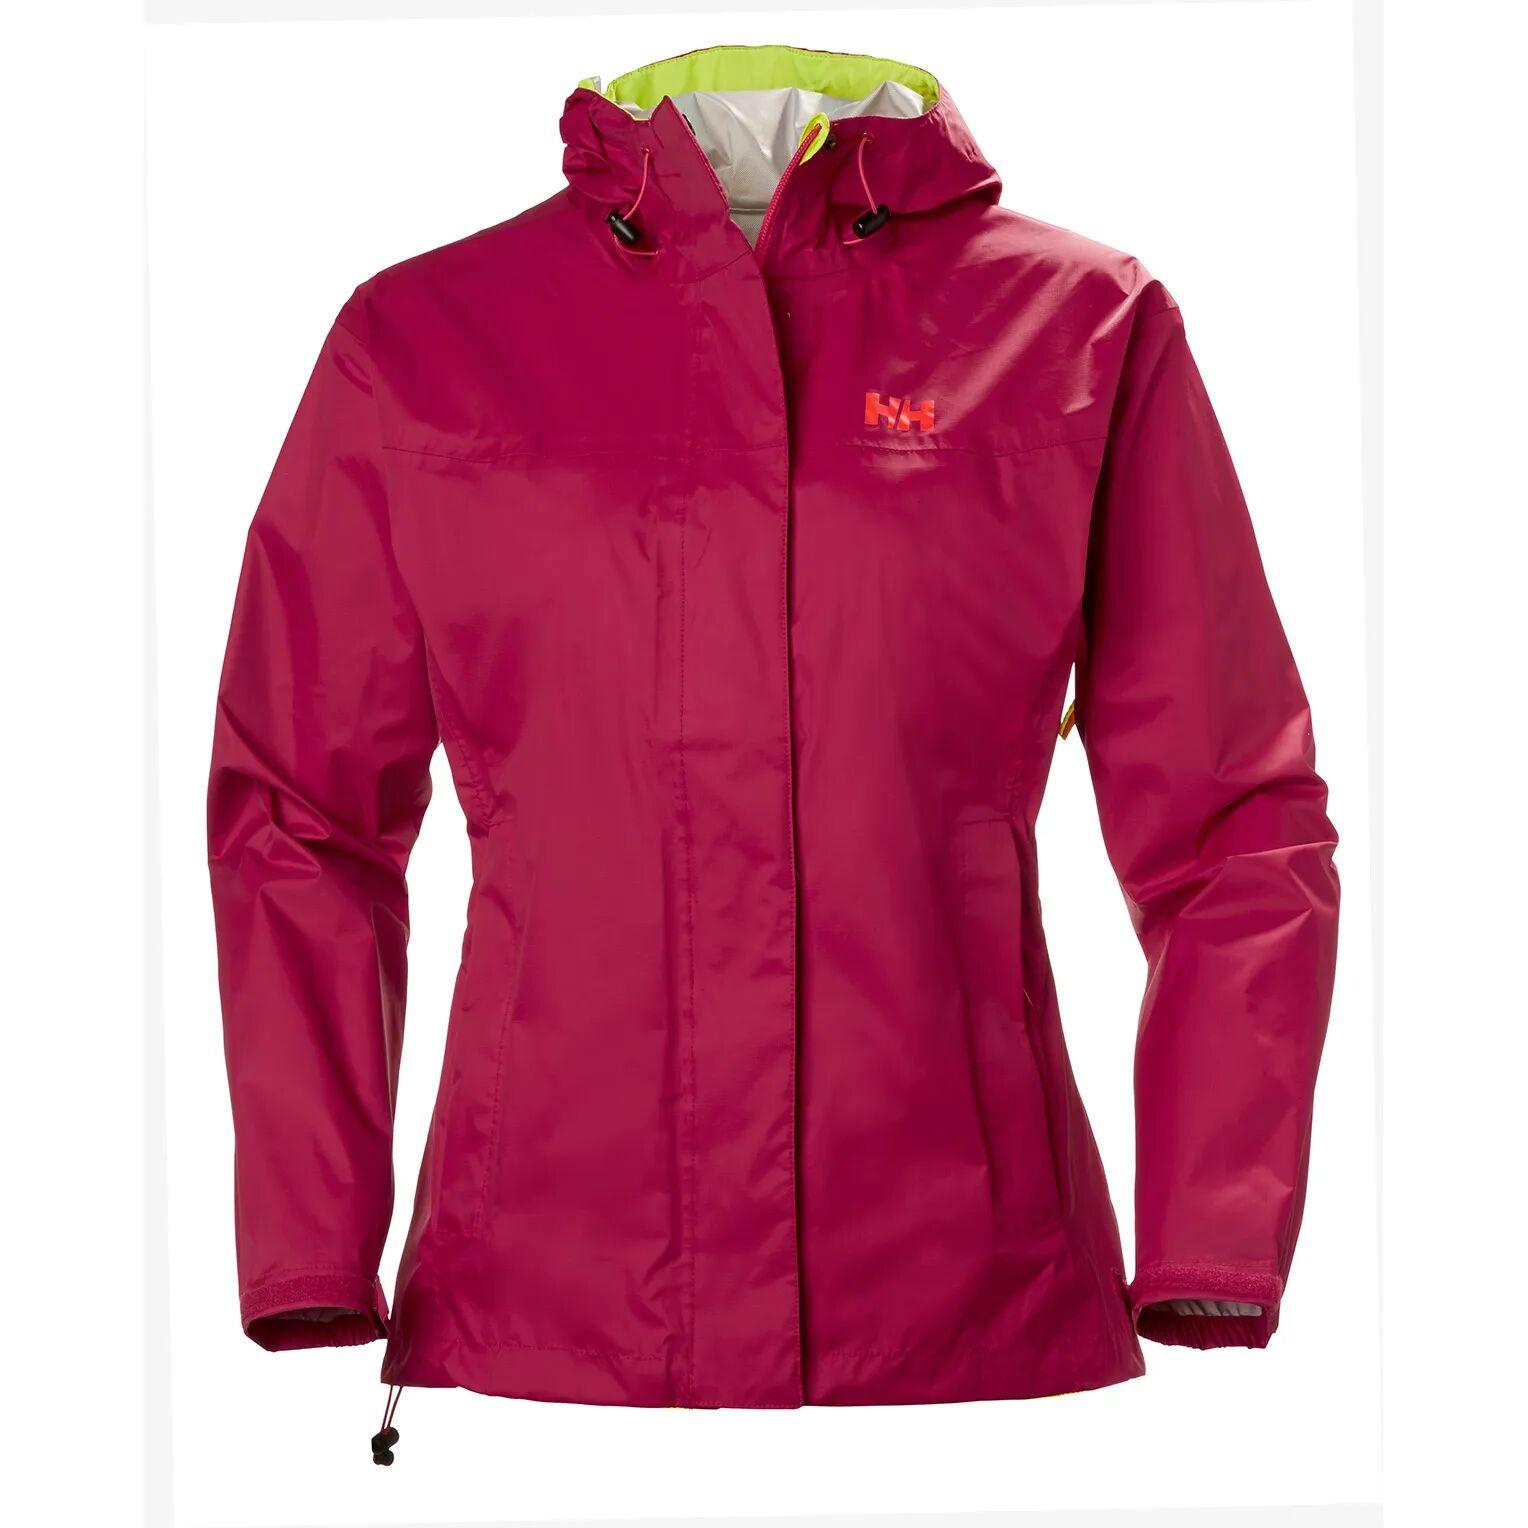 Helly Hansen W Loke Jacket Womens Hiking Pink M